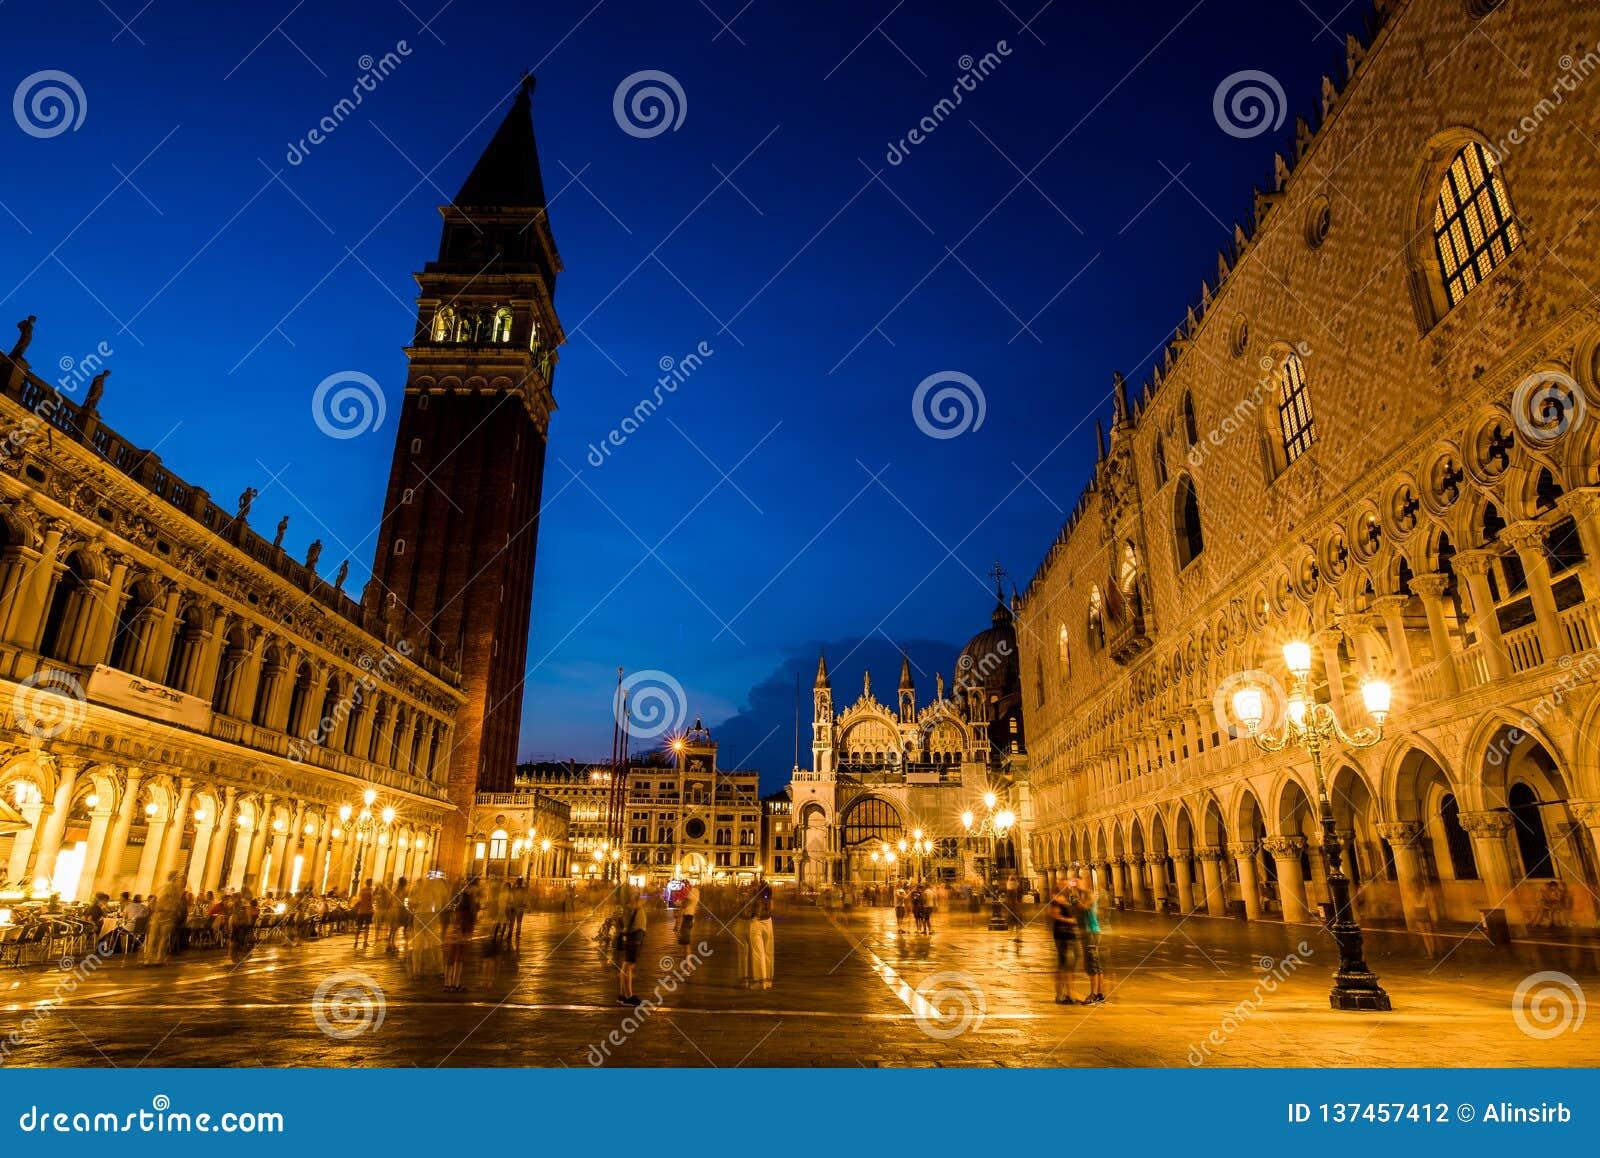 Прогулка вечером на улицах Венеции